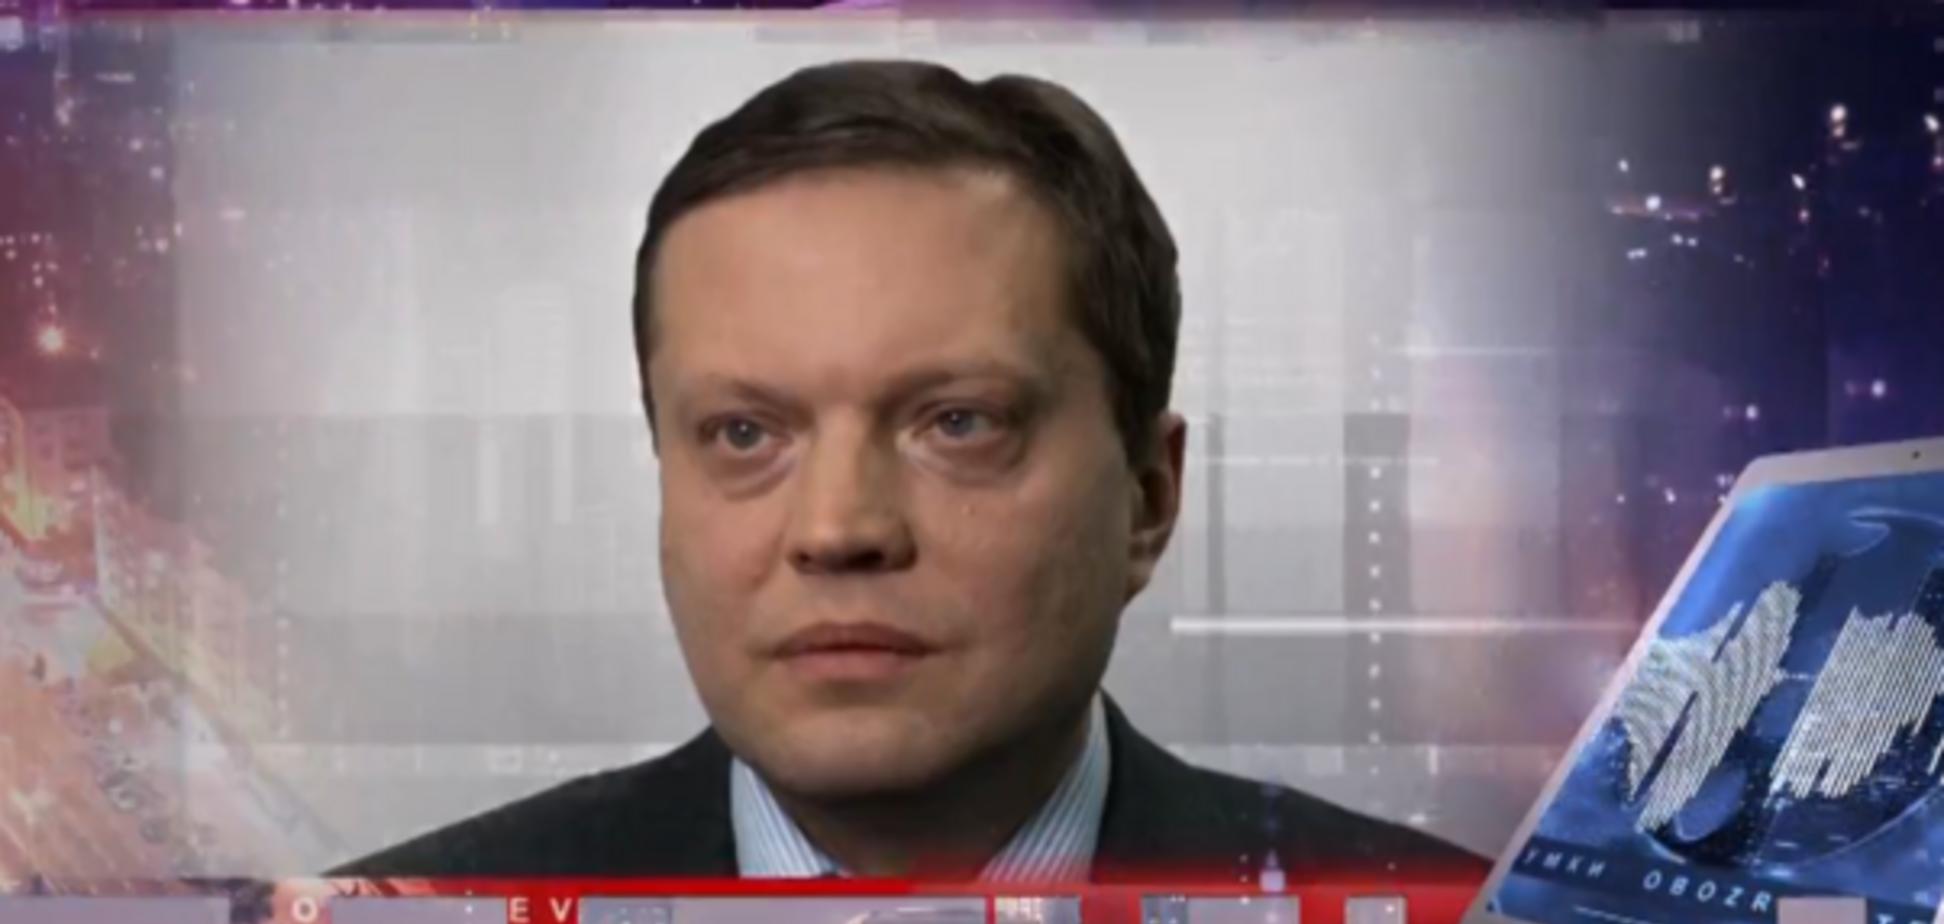 Перемога ''Нафтогазу'' над ''Газпромом'': експерт запропонував відкласти святкування